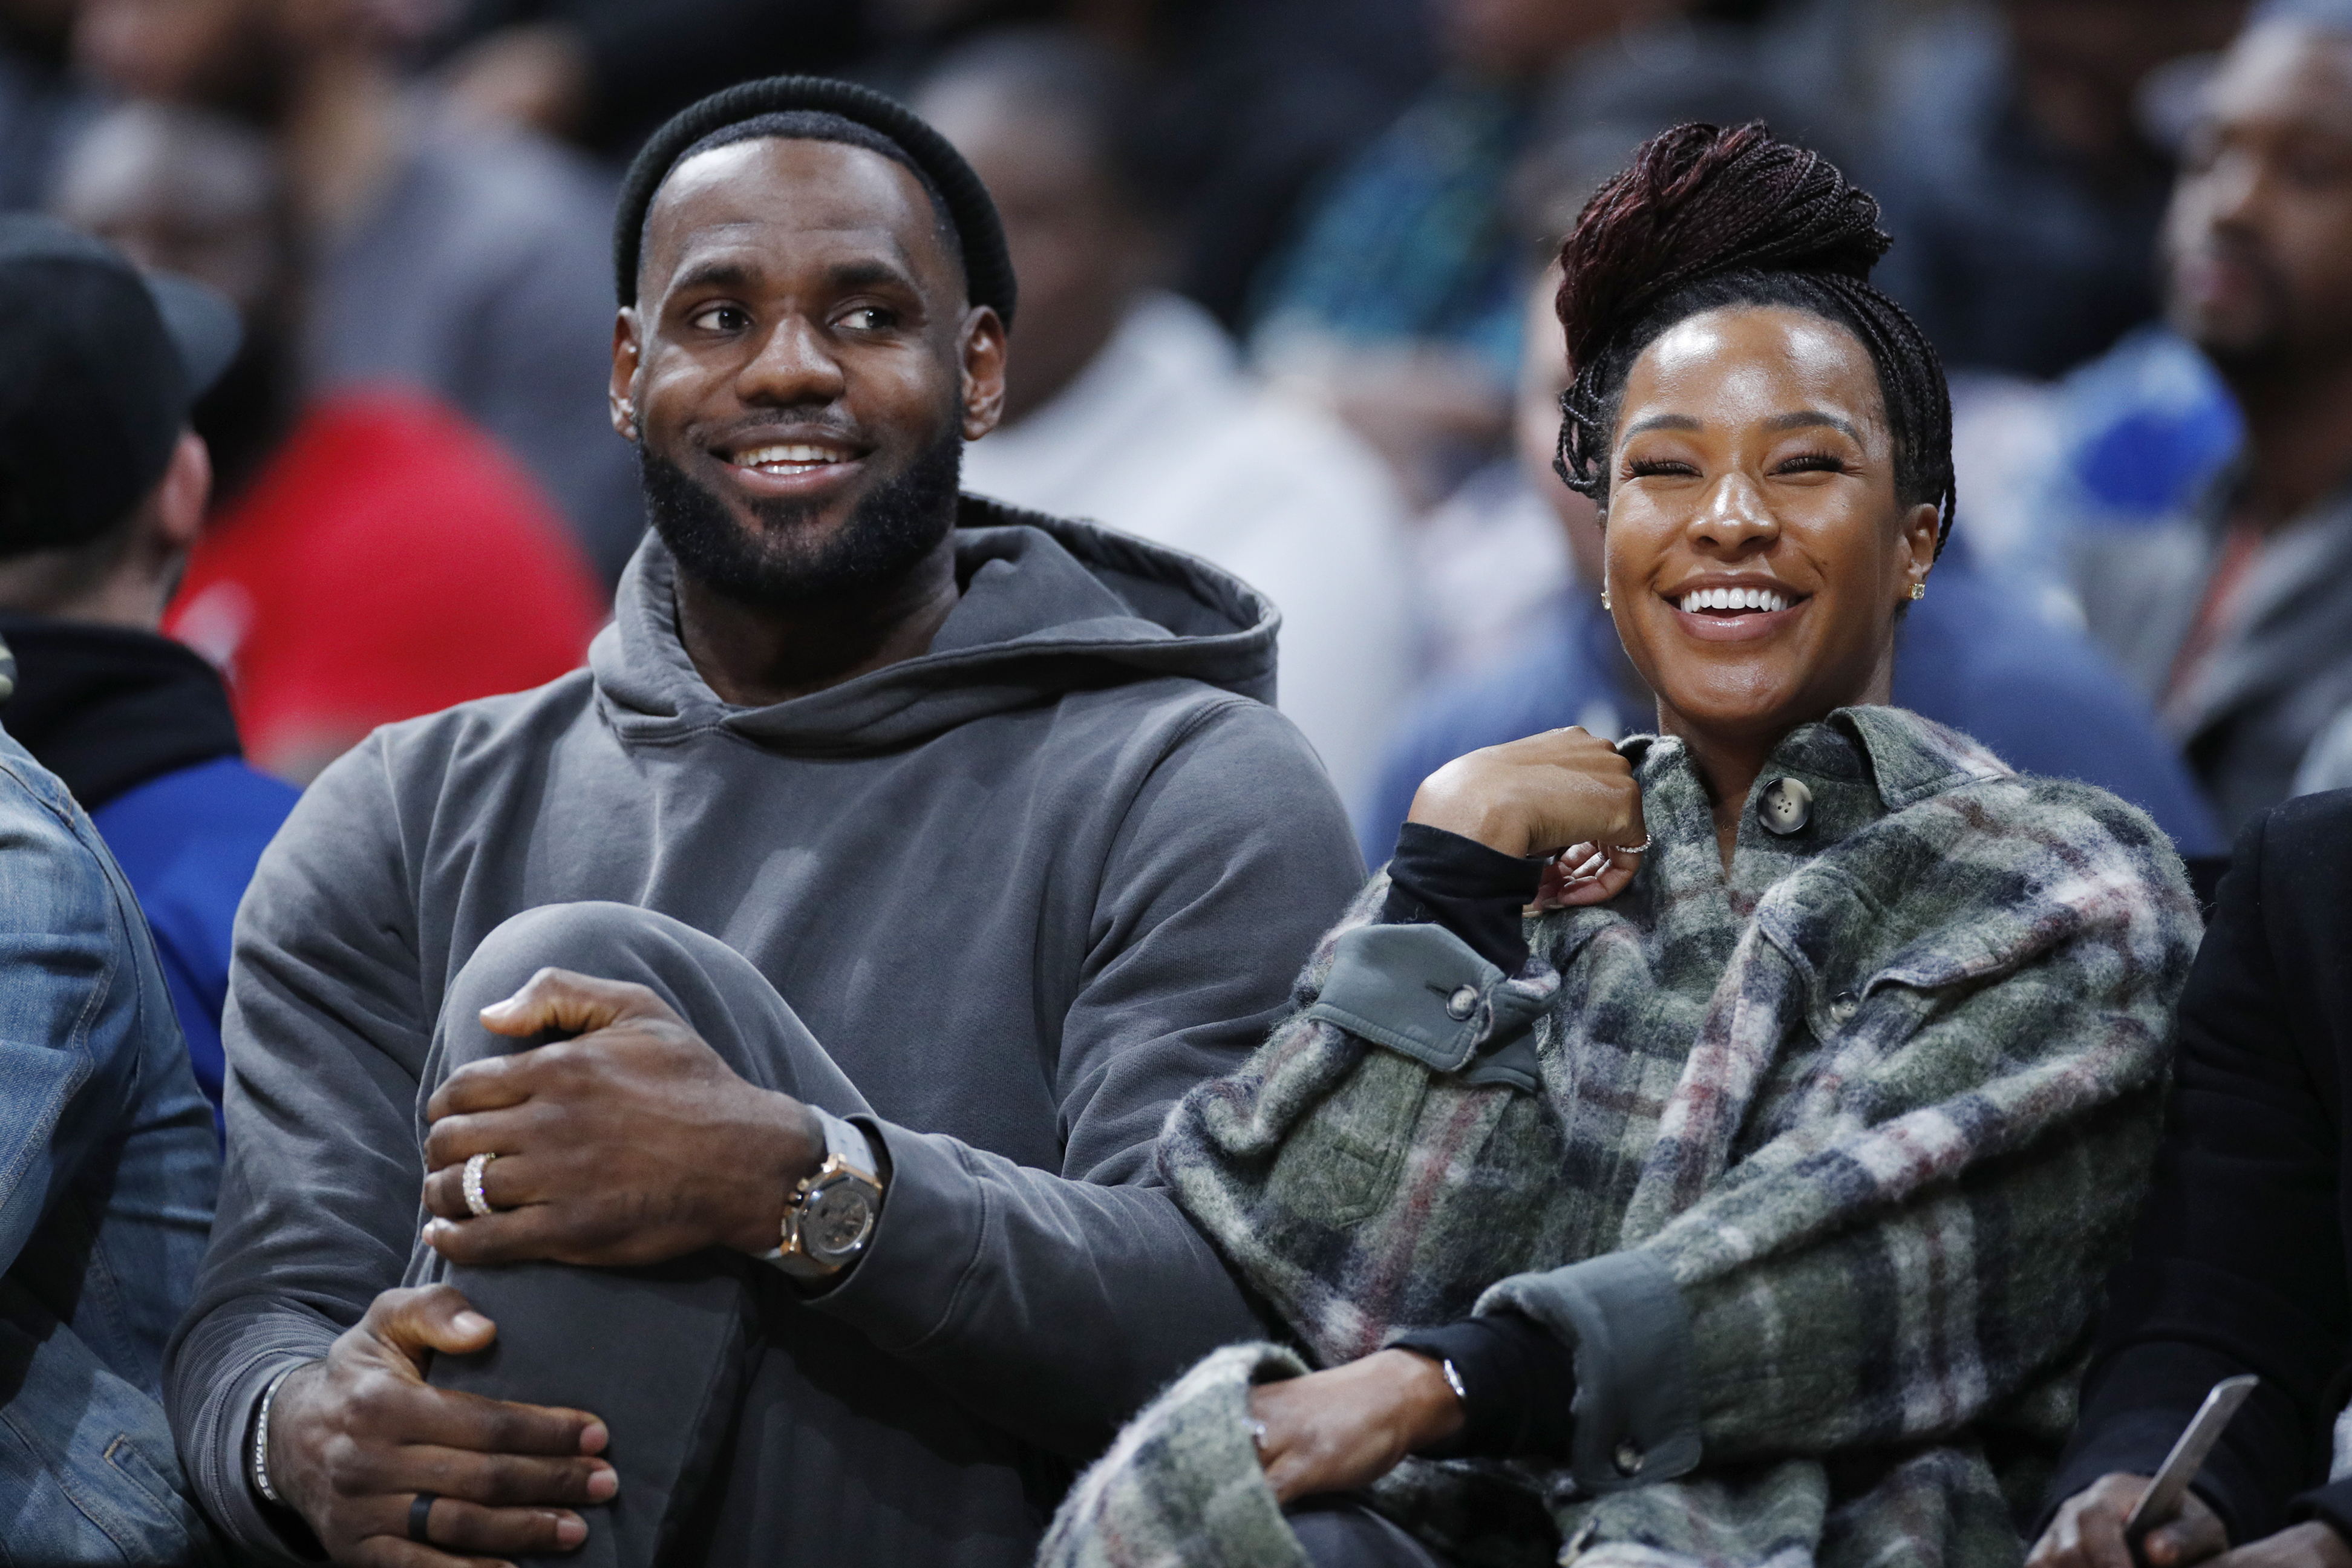 <p><strong>Леброн Джеймс и Савана Бринсън</strong></p>  <p>Американският баскетболист и съпругата му посещават едно и същото училище в Акрон, Охайо. Сключват брак през 2013 година, от който имат три деца.</p>